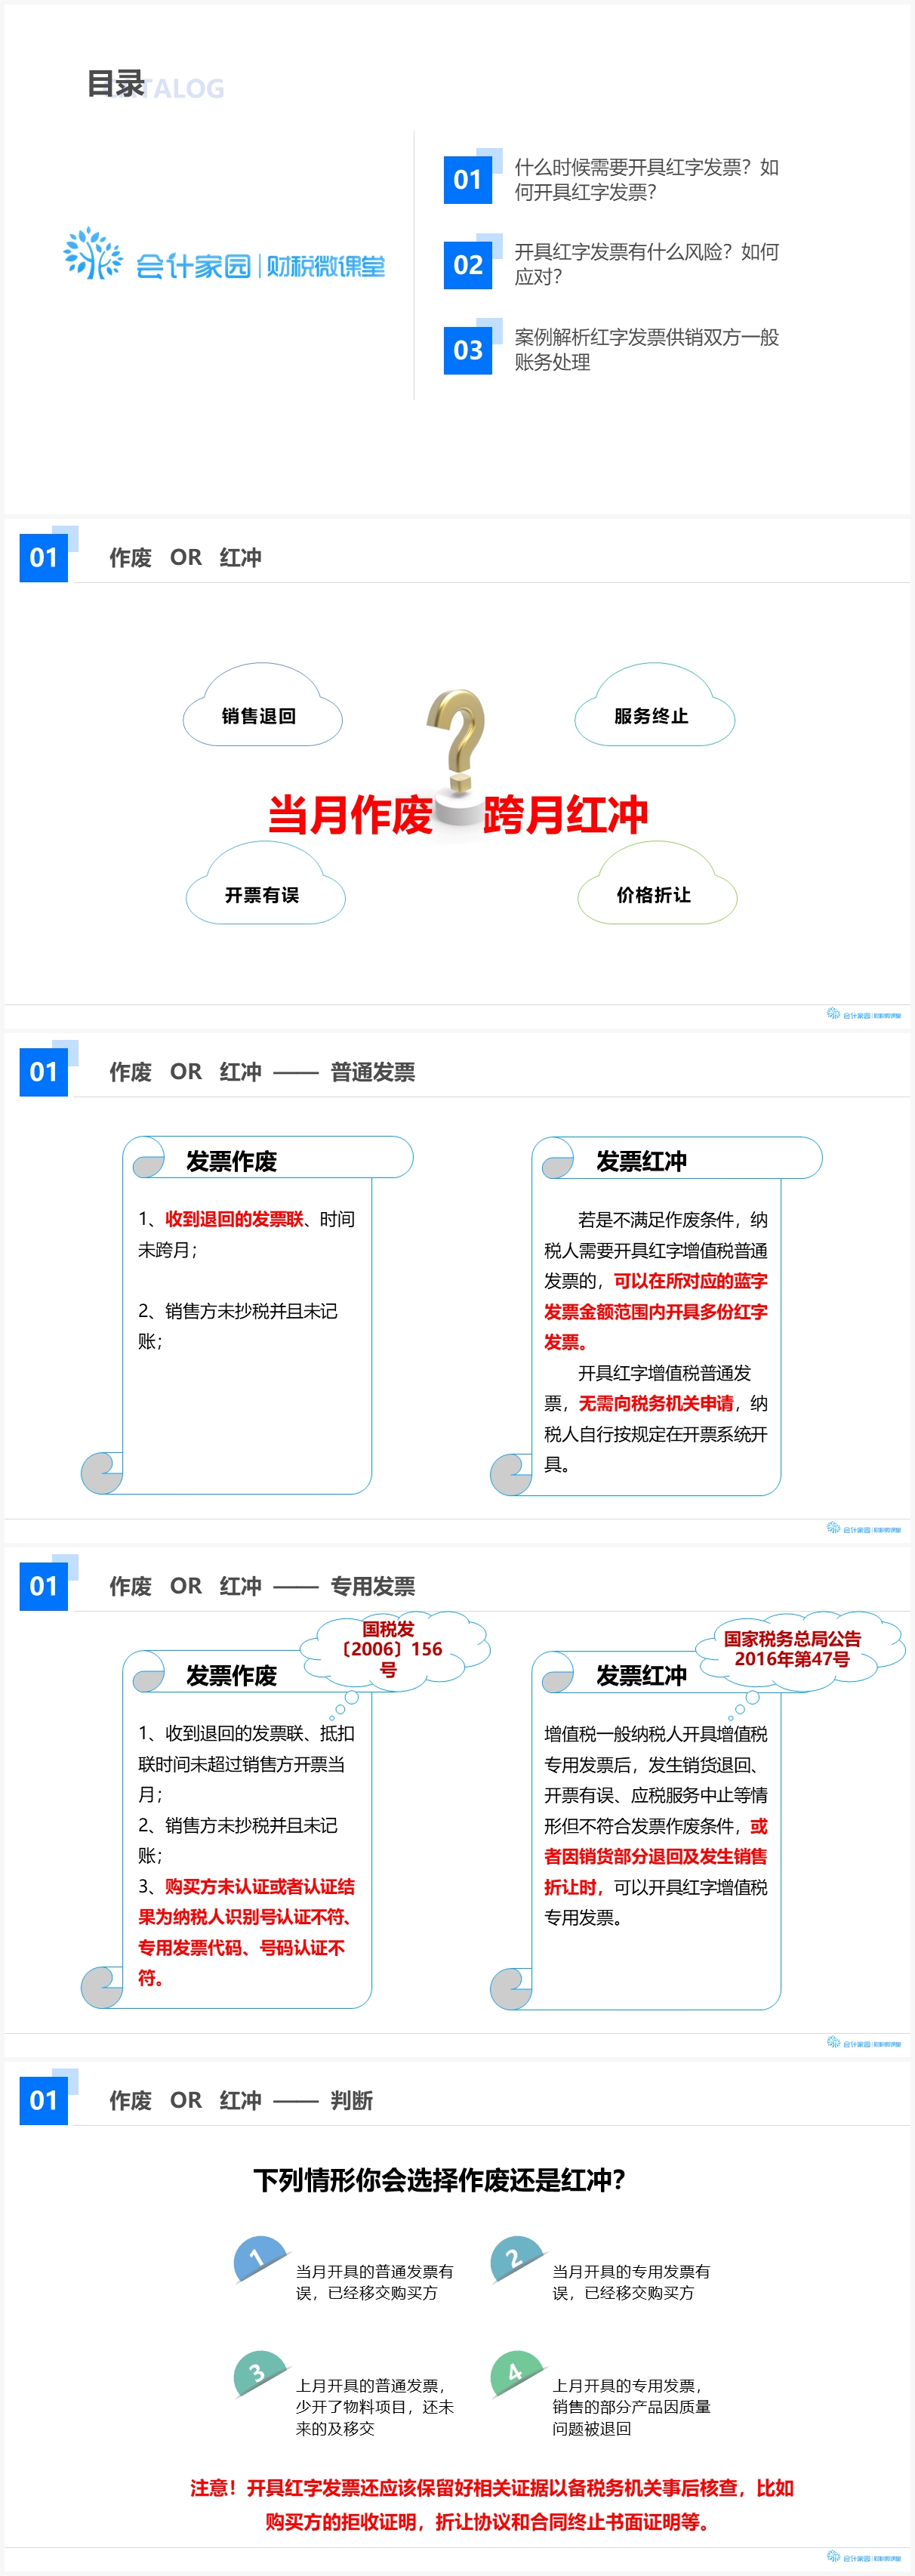 【9-16】30分钟应对增值税红字发票难题a.jpg